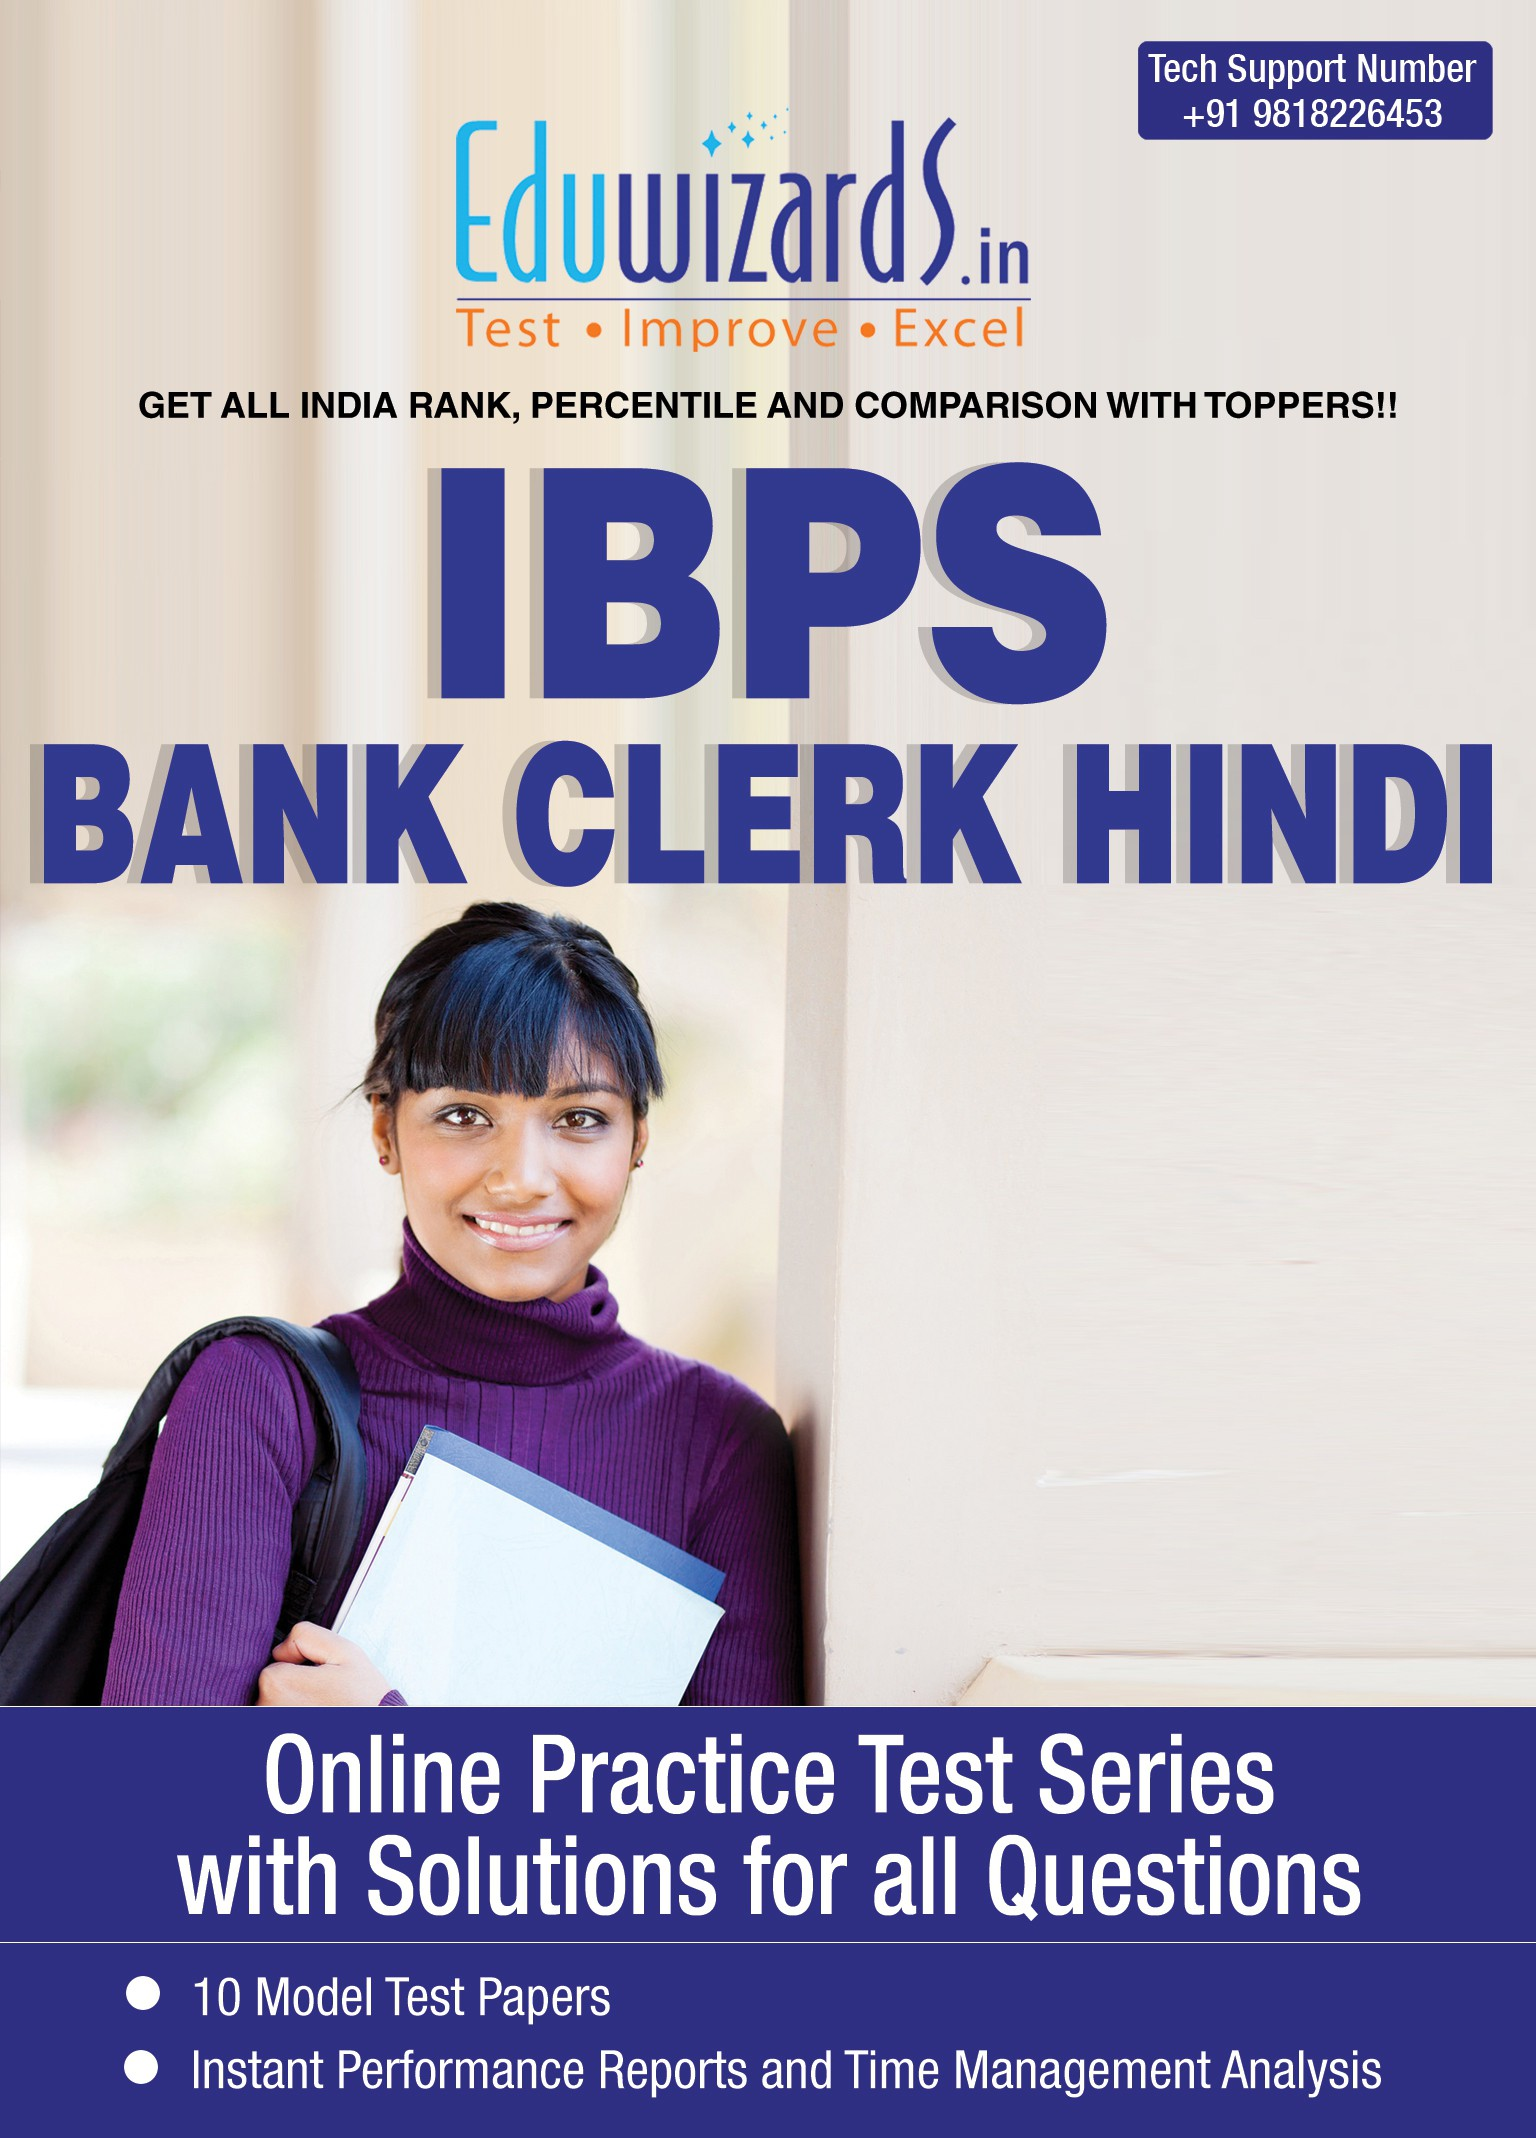 Eduwizards IBPS Bank Clerk Hindi Online Test Series Online Test(Voucher)